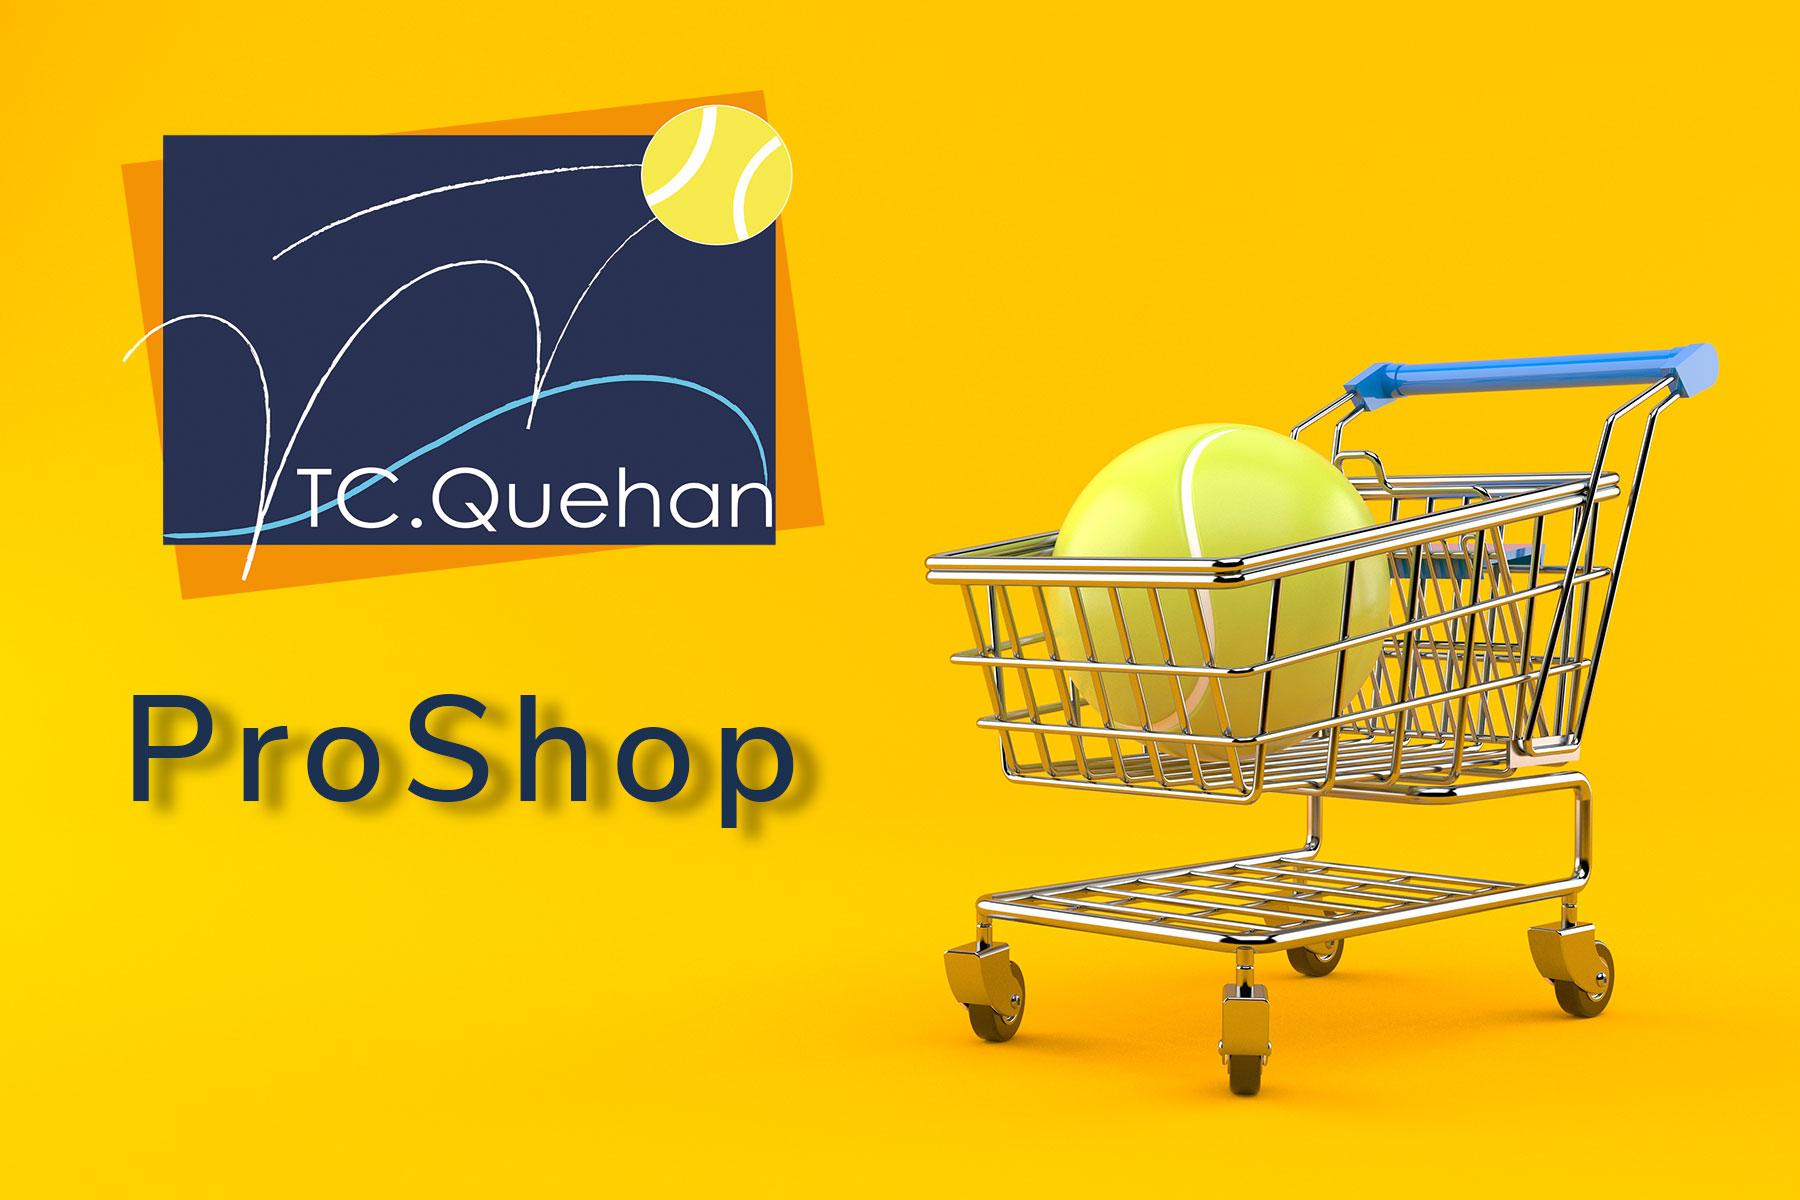 Balle de tennis dans caddy et logo du Tennis Club de Quehan.